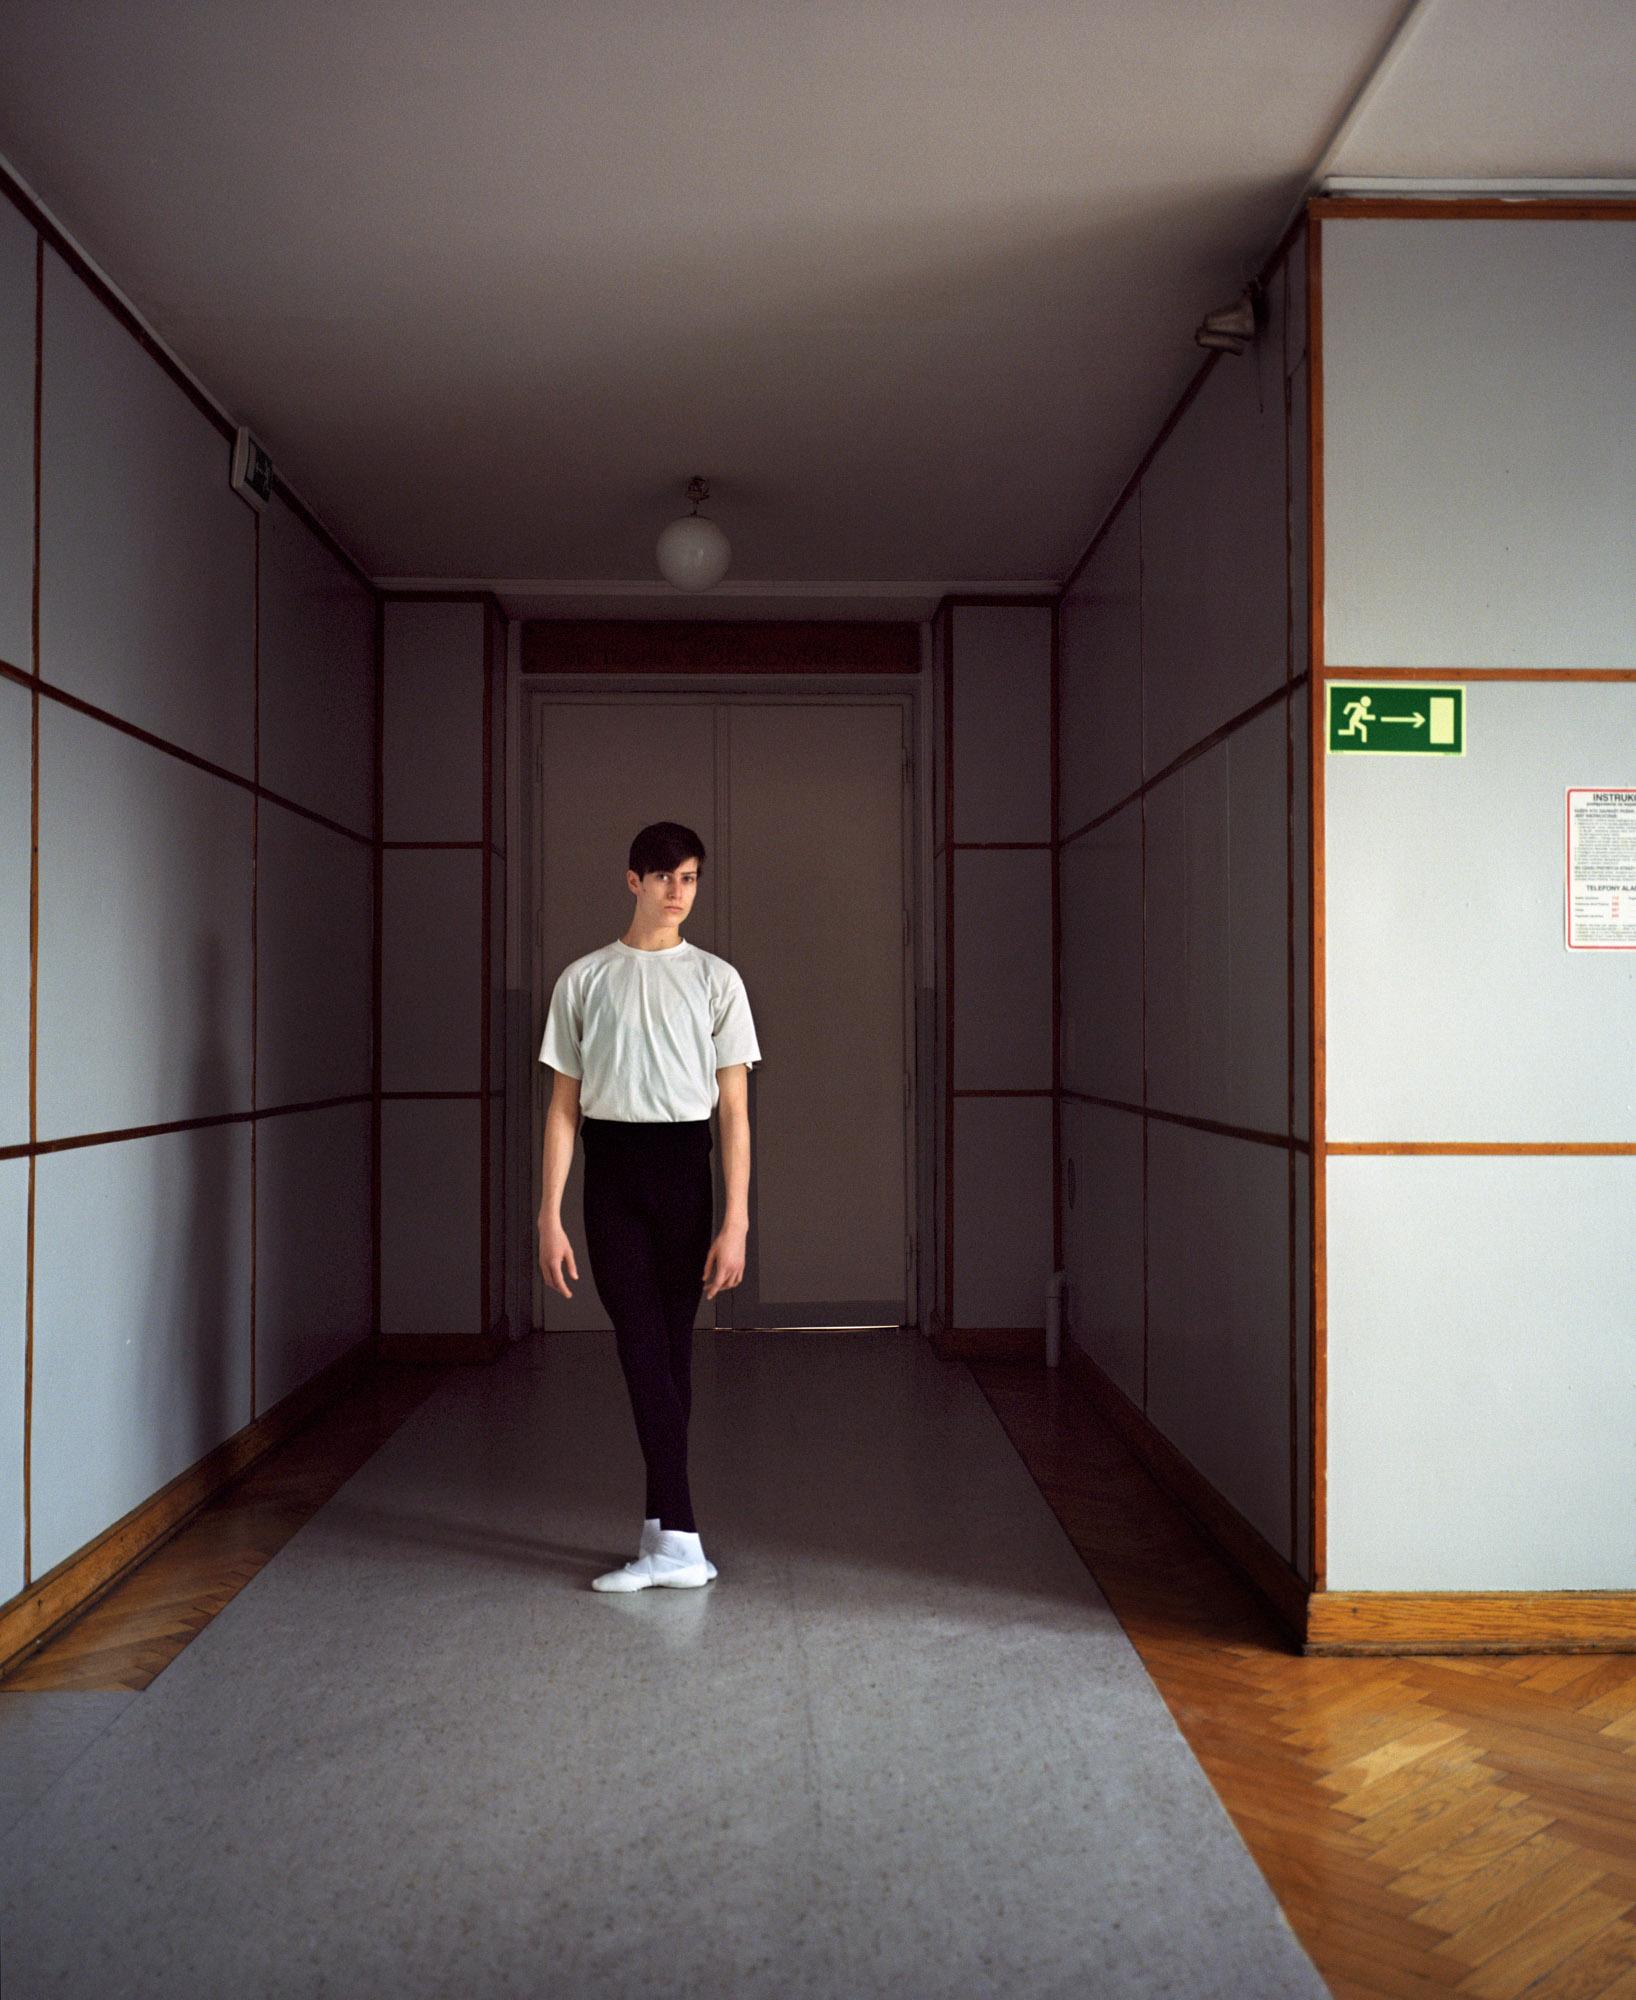 Krzystof, Warsaw Ballet School